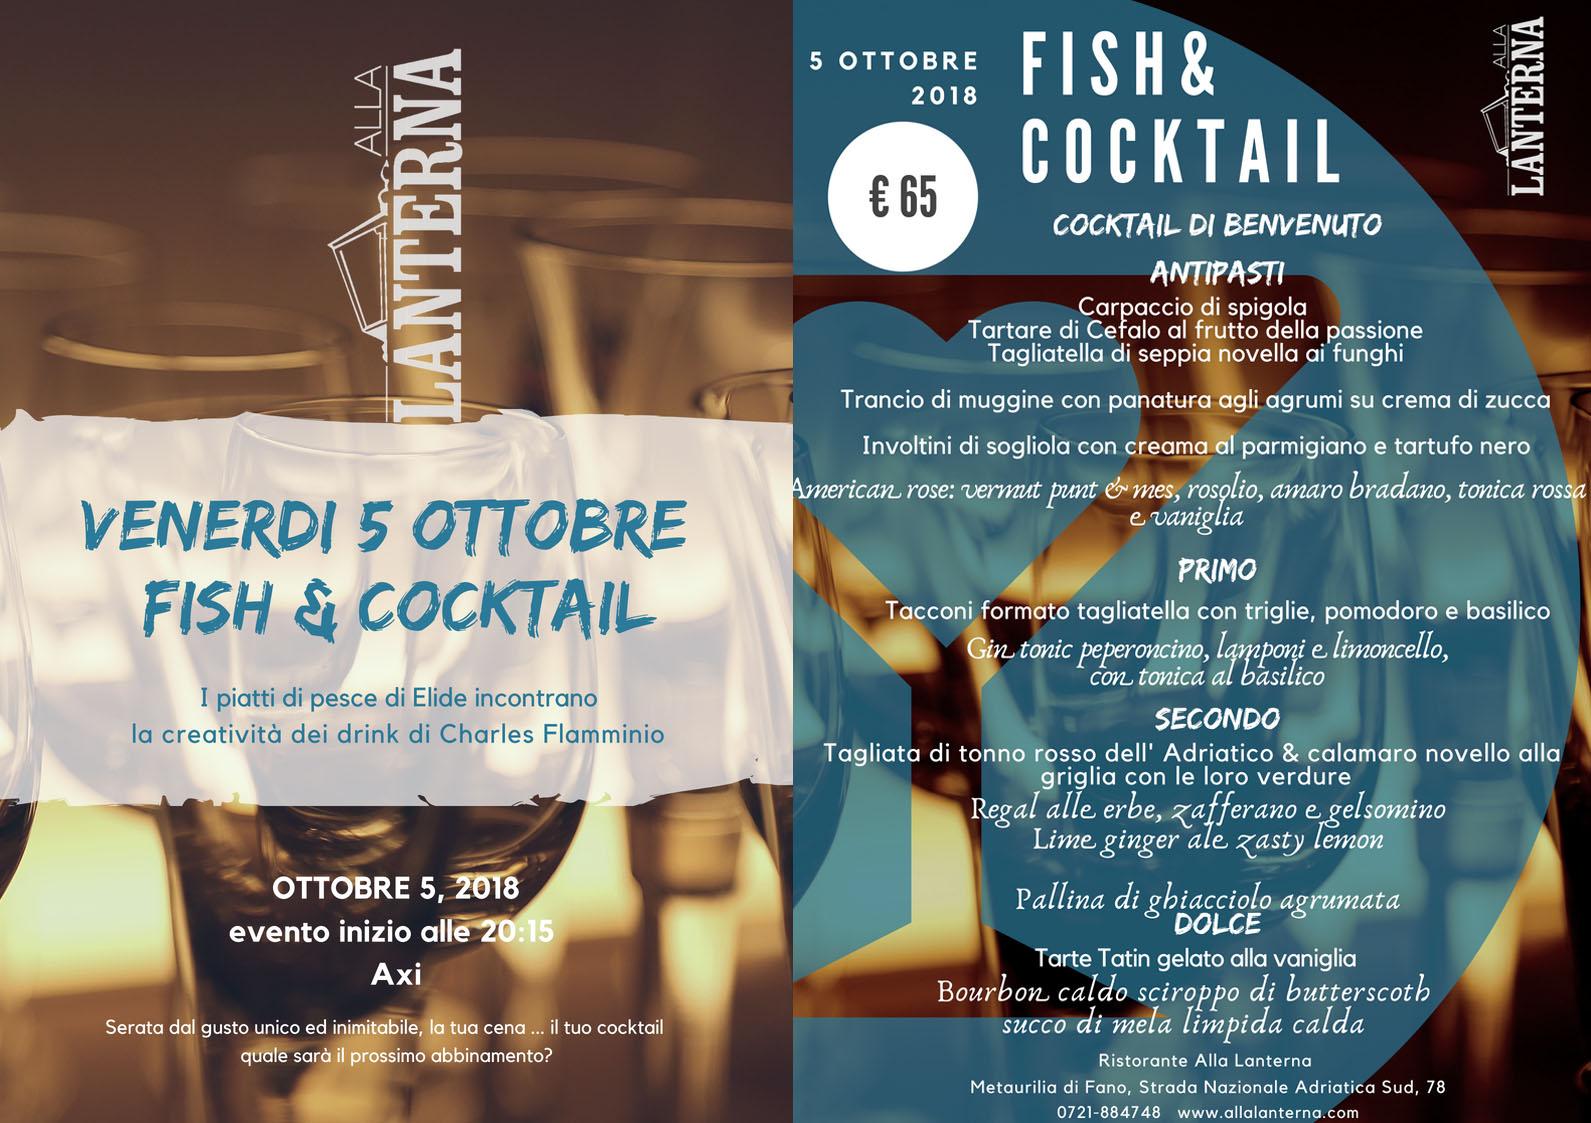 Fish & Cocktail al ristorante Alla Lanterna di Fano